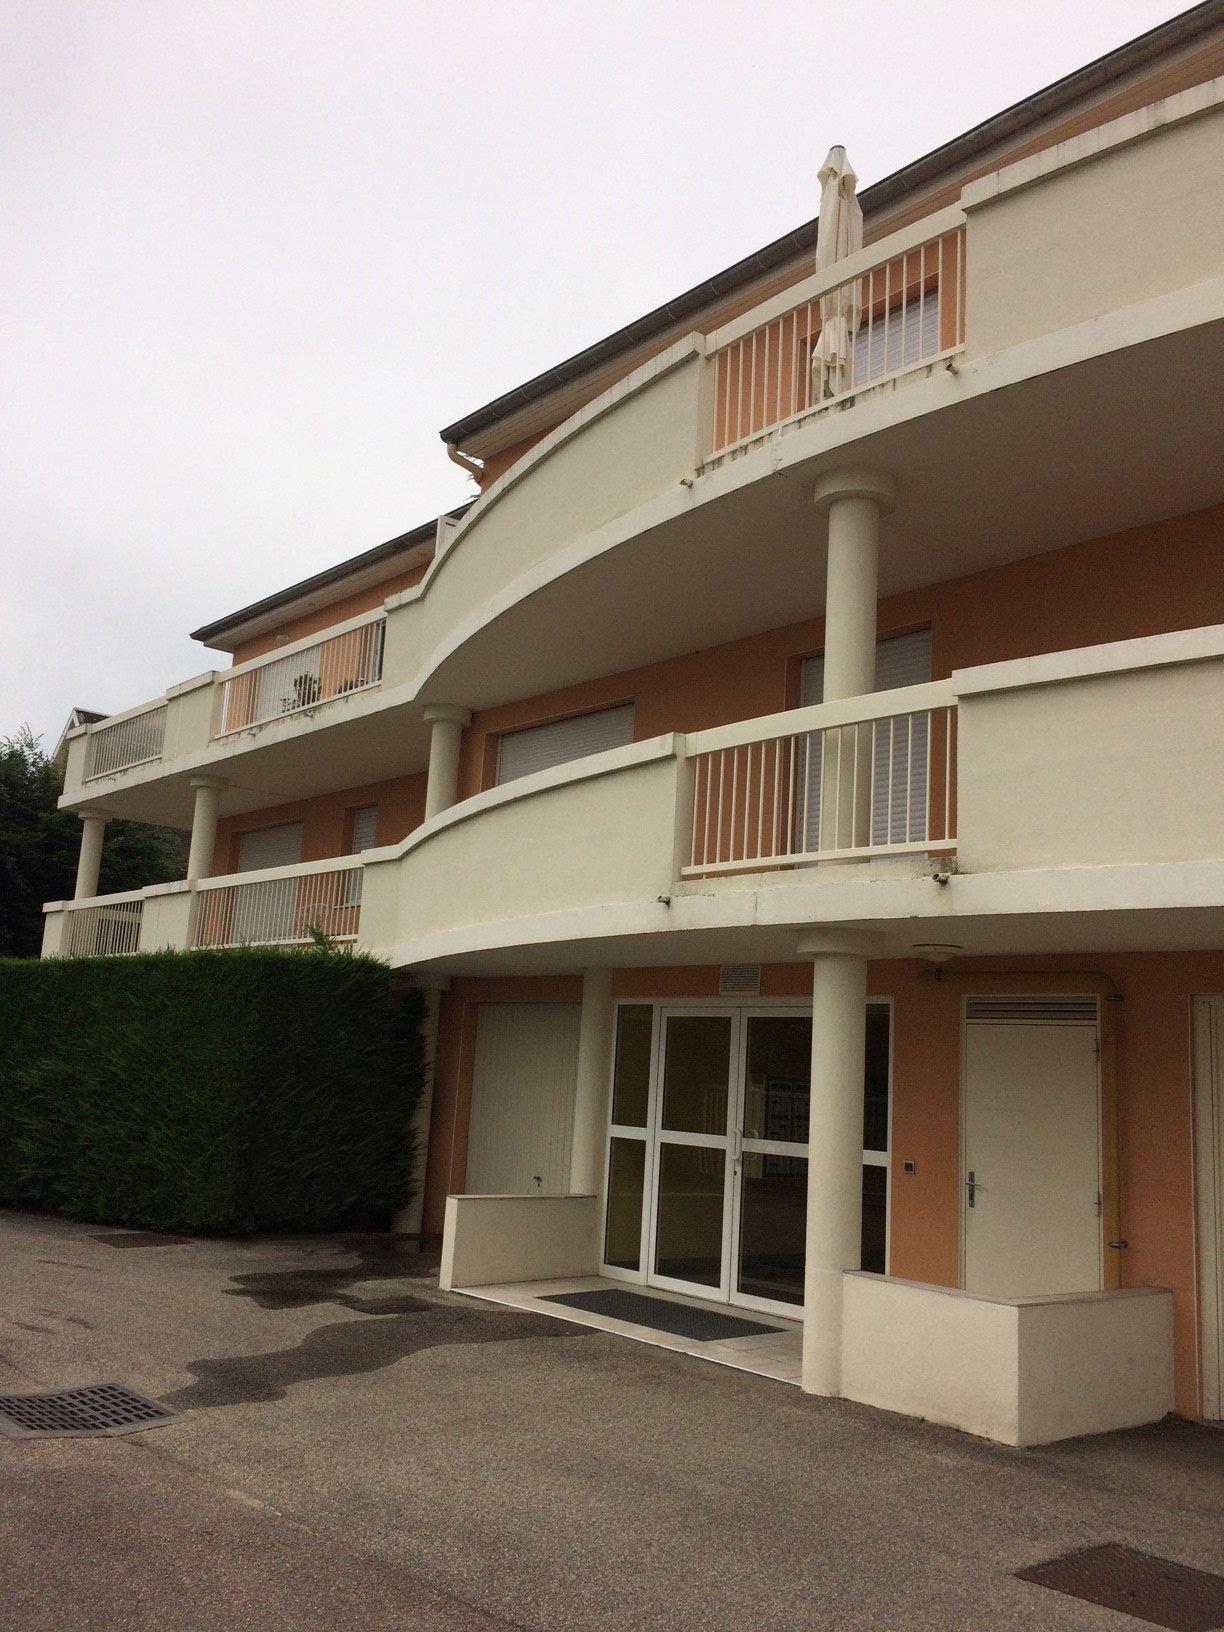 LA TALAUDIERE - Appartement T3 de 74 m² avec terrasse